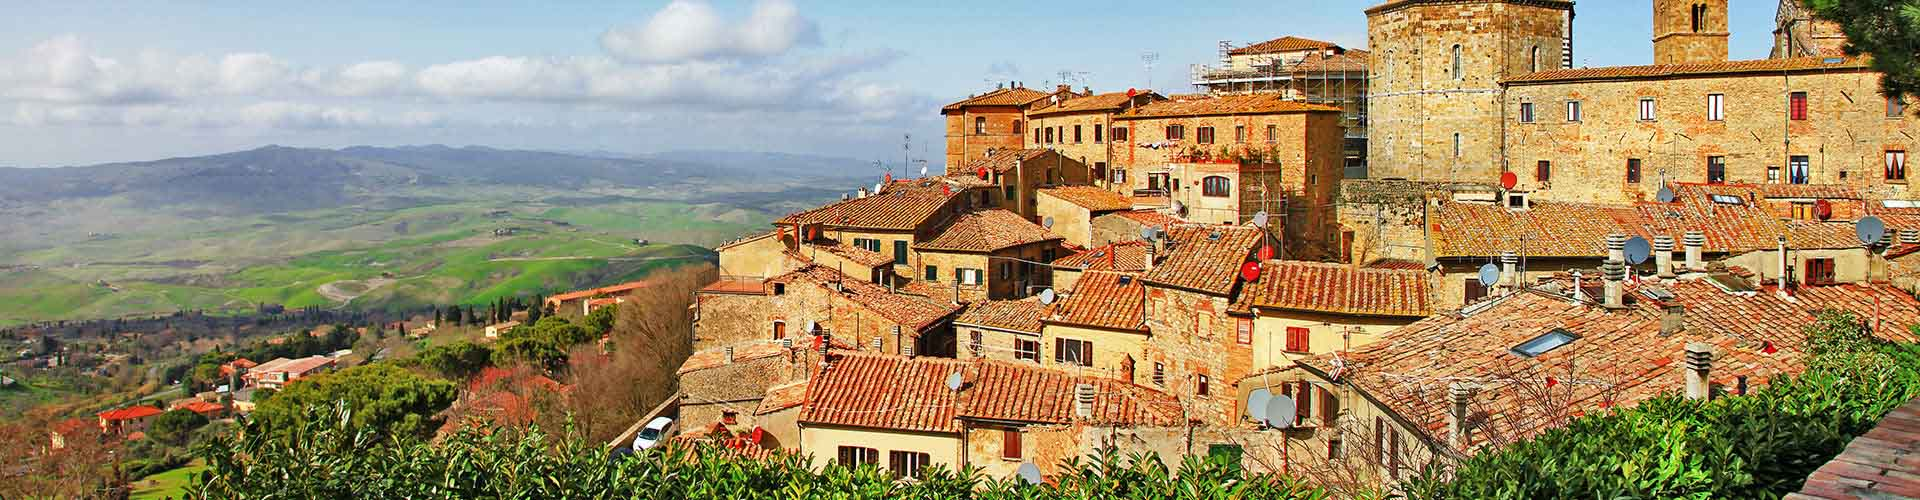 Volterra - Camping à Volterra. Cartes pour Volterra, photos et commentaires pour chaque Camping à Volterra.